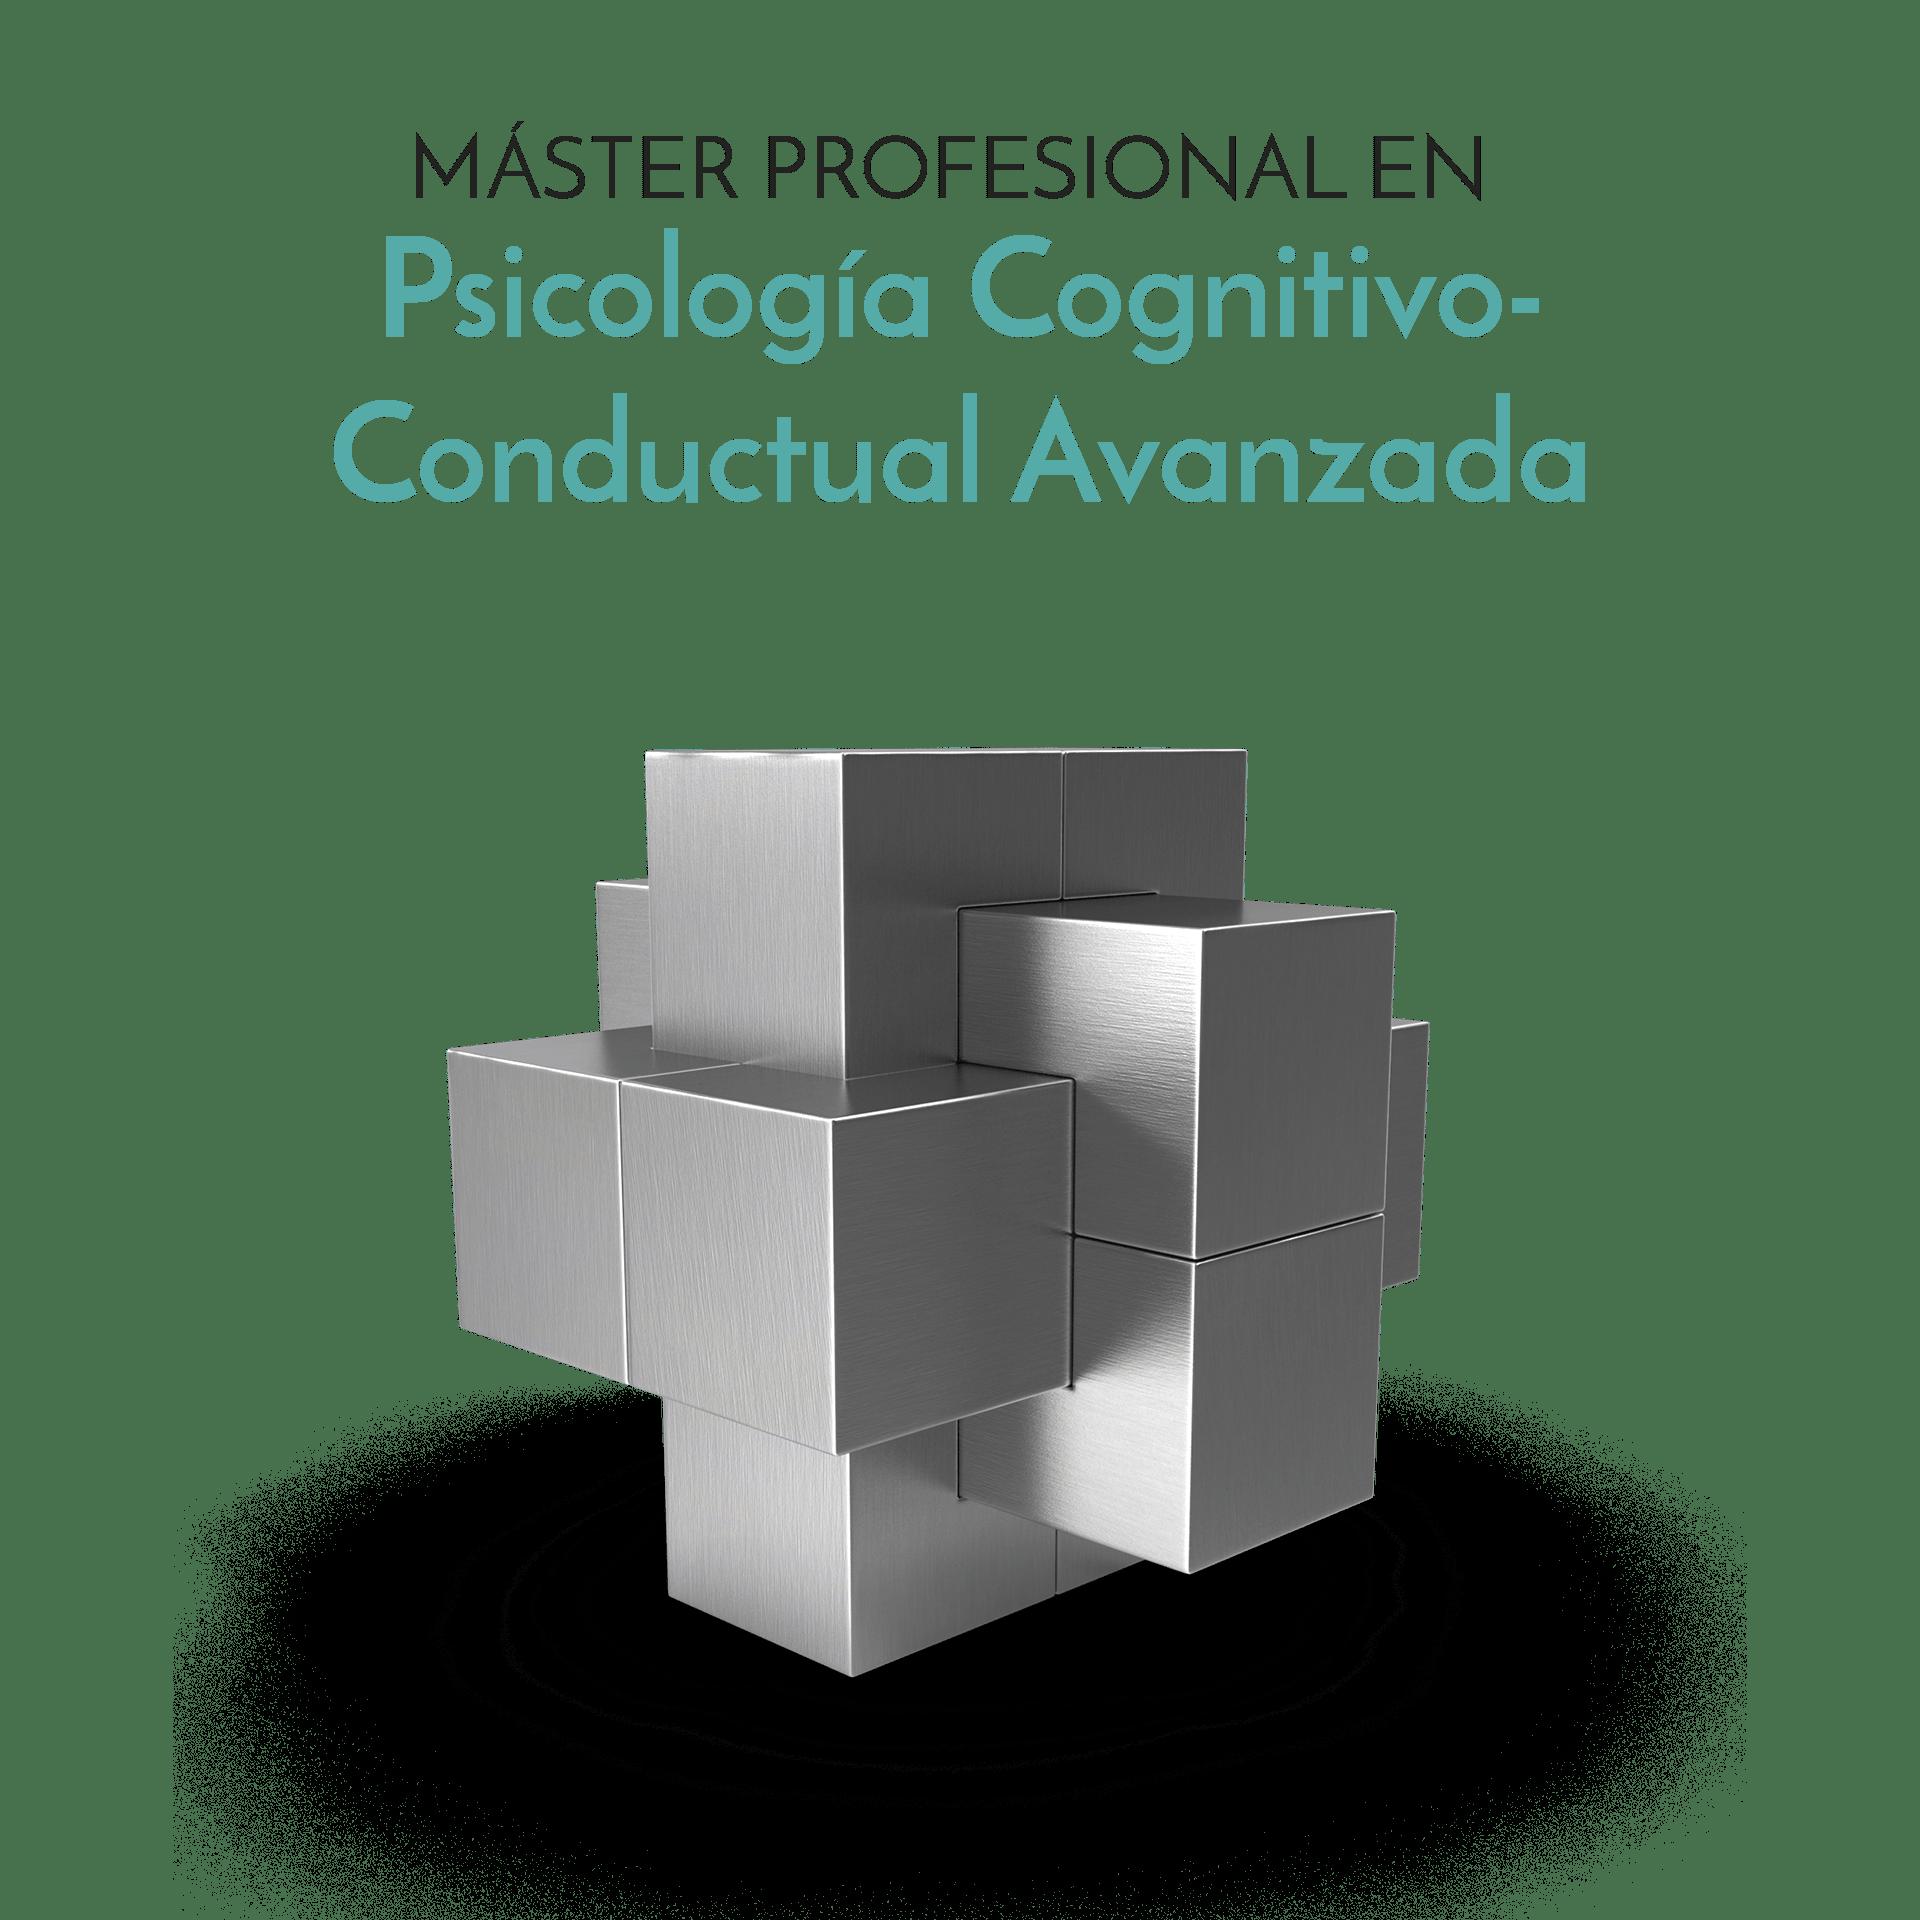 Comprar Máster en Psicología Cognitivo-Conductual Avanzada